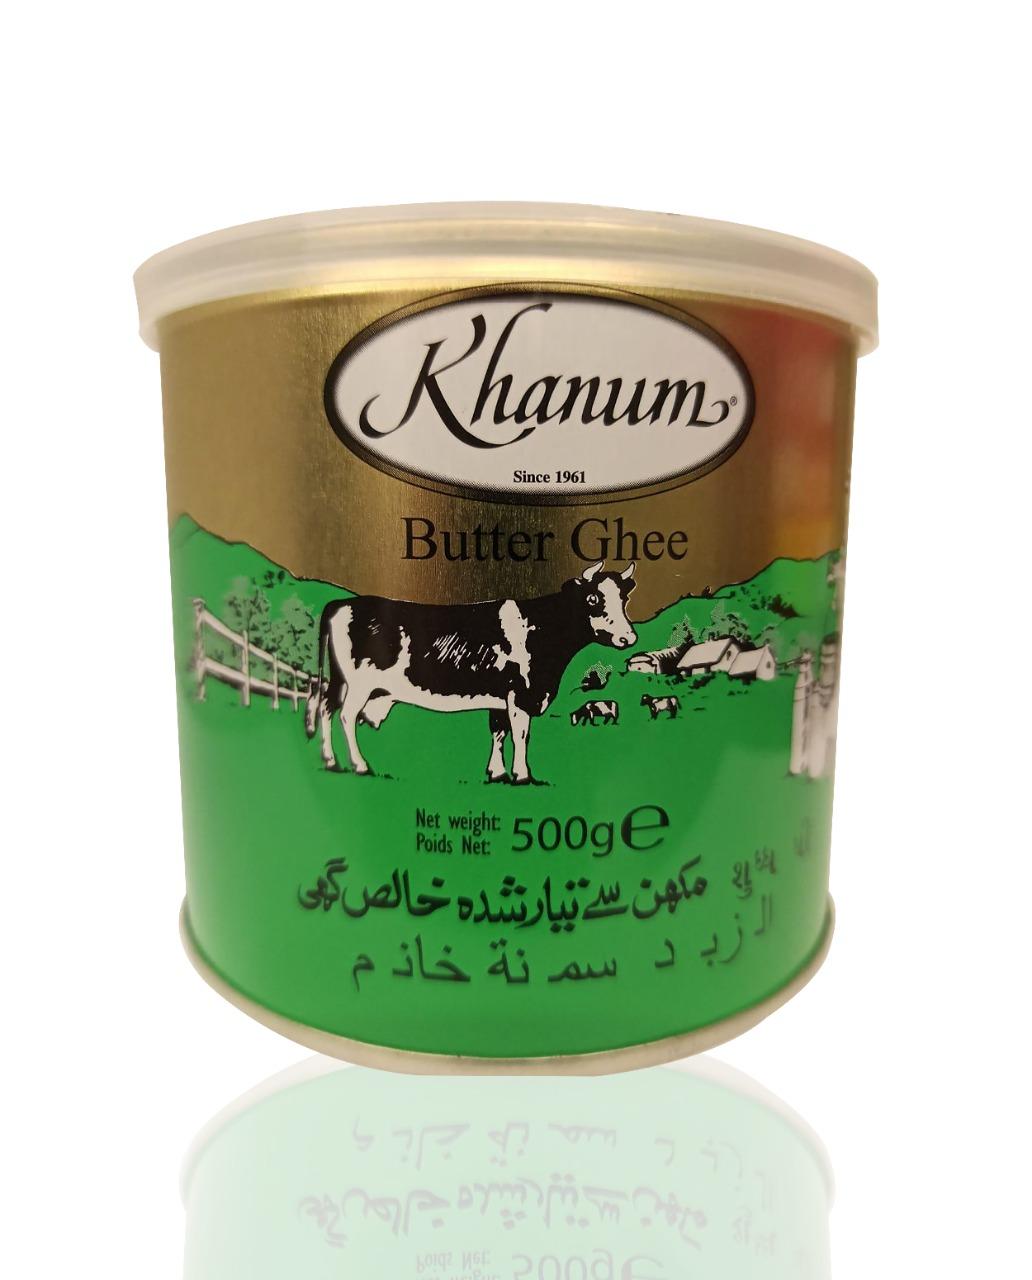 Khanum Butter Ghee 500g سمنة خانم